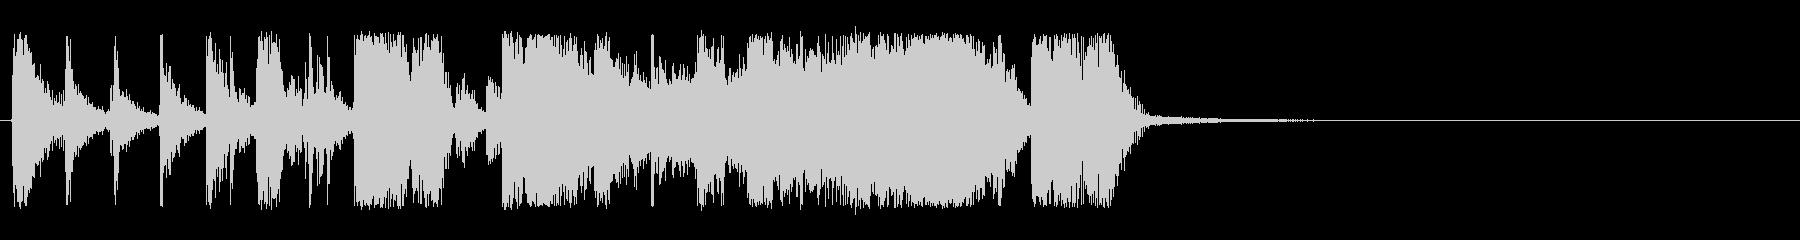 シネマティック フラメンコの未再生の波形